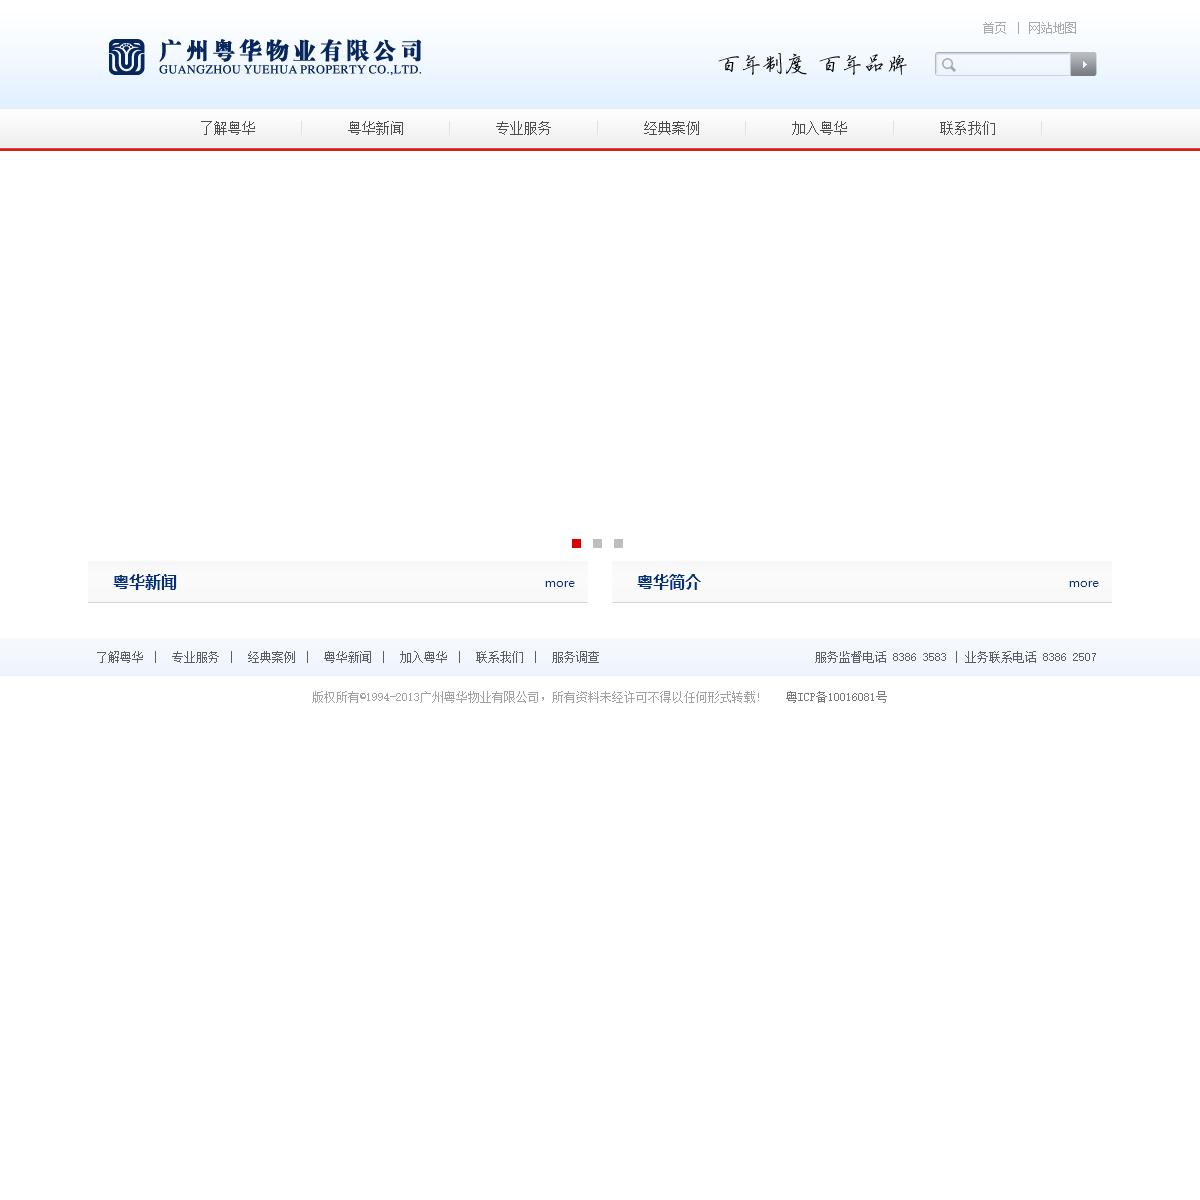 首页 - 广州粤华物业有限公司-广州物业公司-广州物业管理-国家一级资质-广东物业管理- -www.gzyhpm